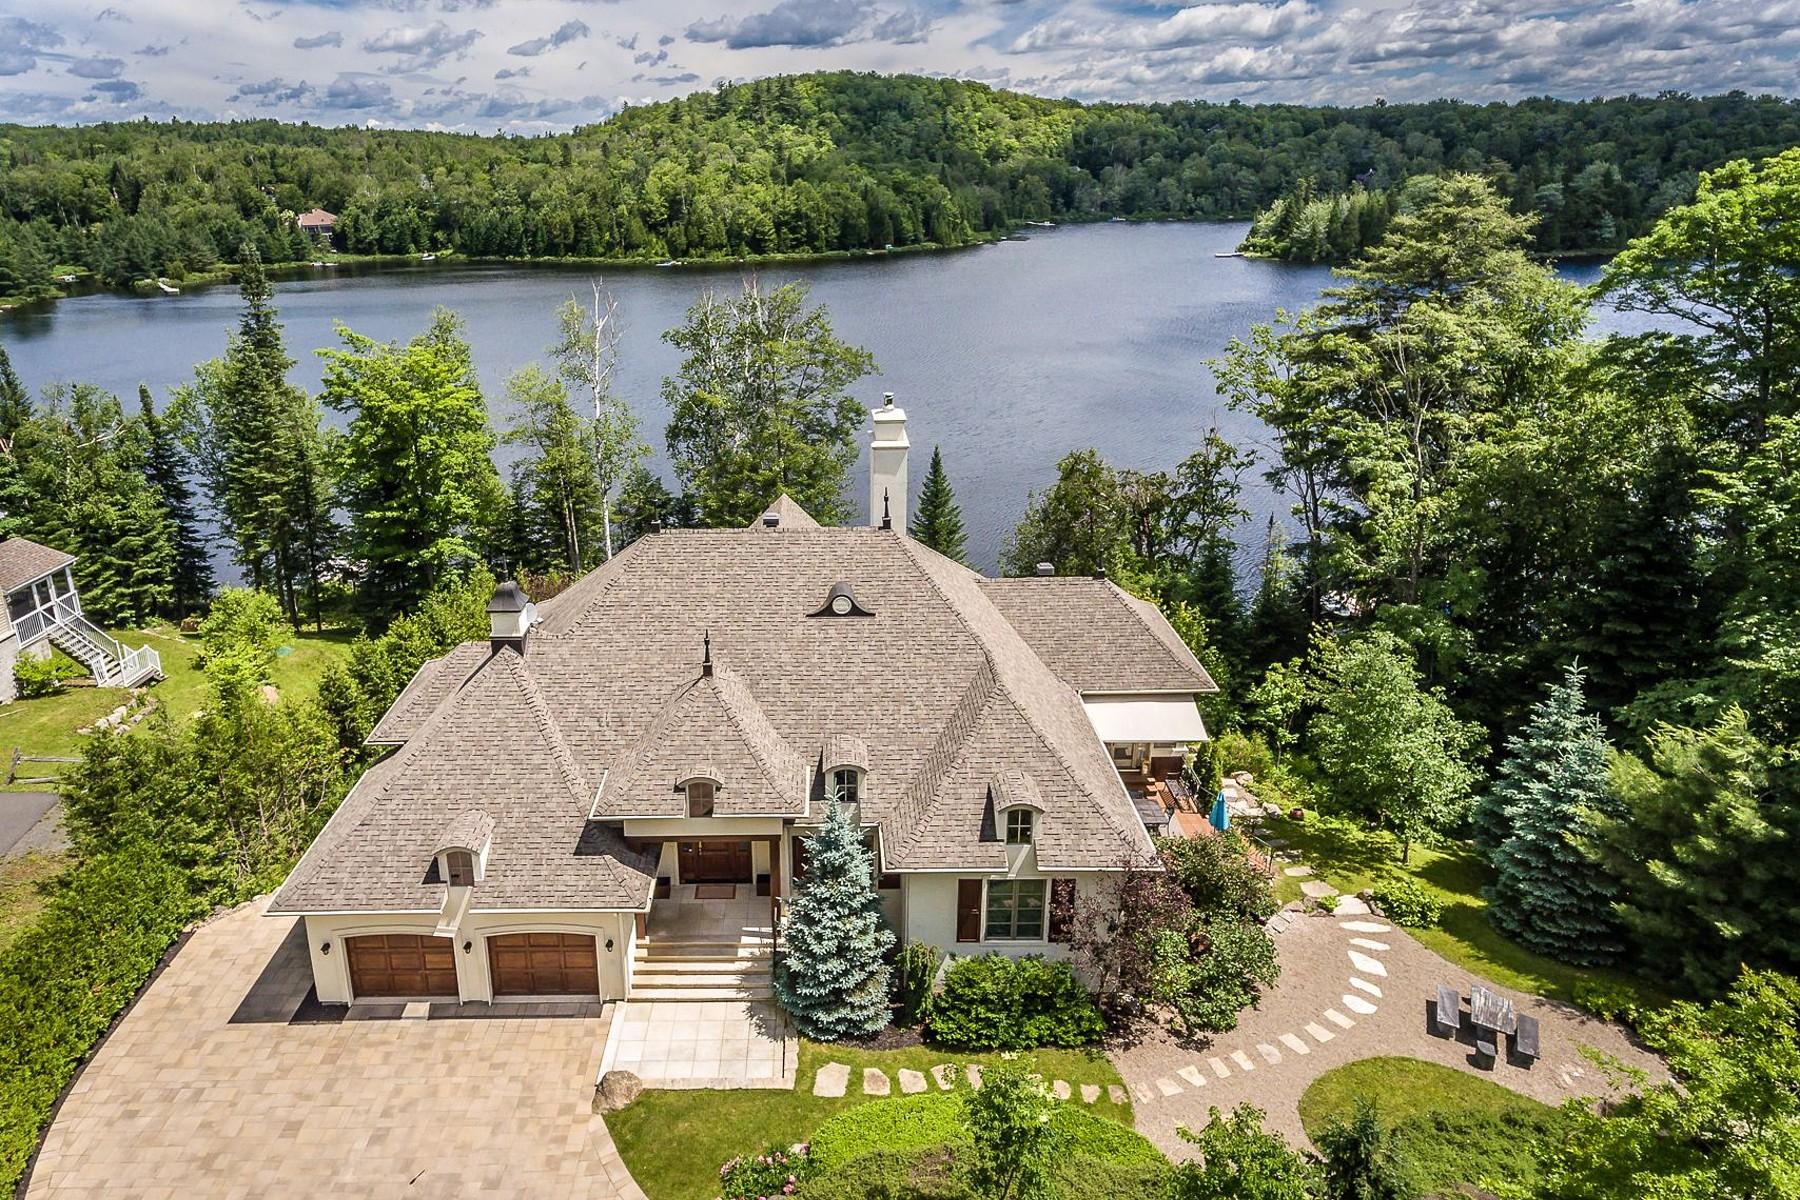 Multi-Family Home for Sale at Saint-Sauveur, Laurentides 101 Ch. Le Nordais, Saint-Sauveur, Quebec, J0R1R3 Canada